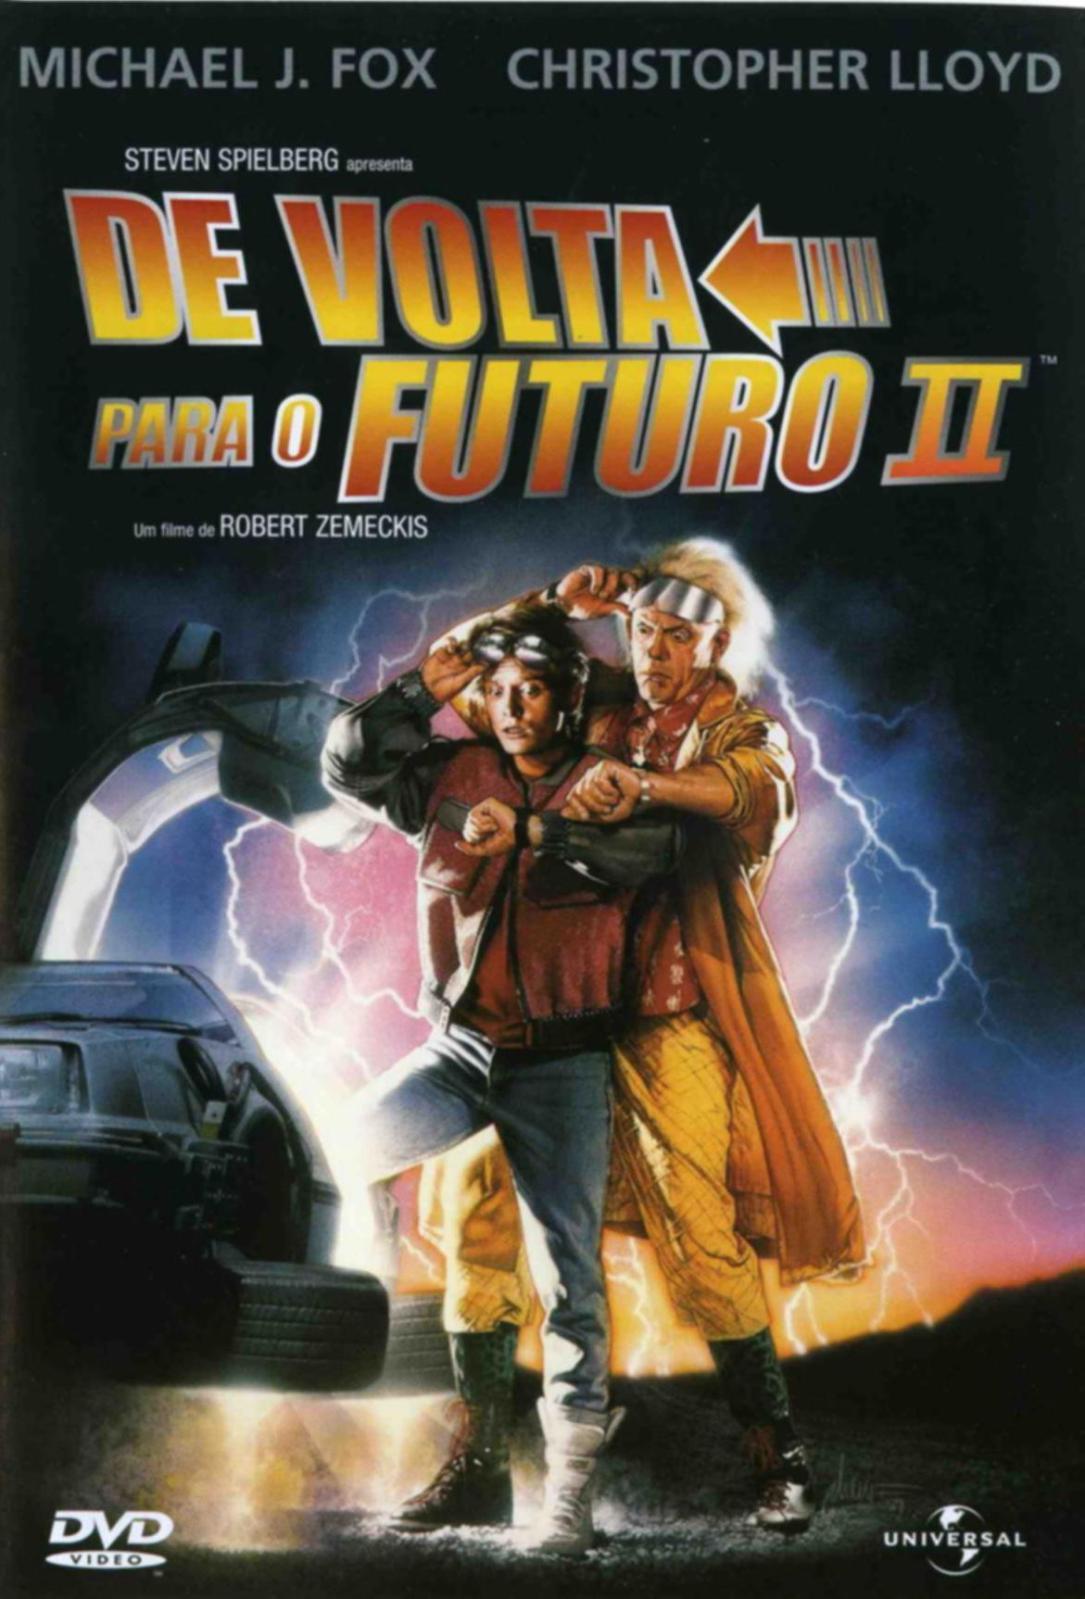 http://3.bp.blogspot.com/_eyNV1xAbYMg/TE45ZfLZxwI/AAAAAAAACKw/j9pSGYeKxII/s1600/De+Volta+Para+o+Futuro+2.jpg